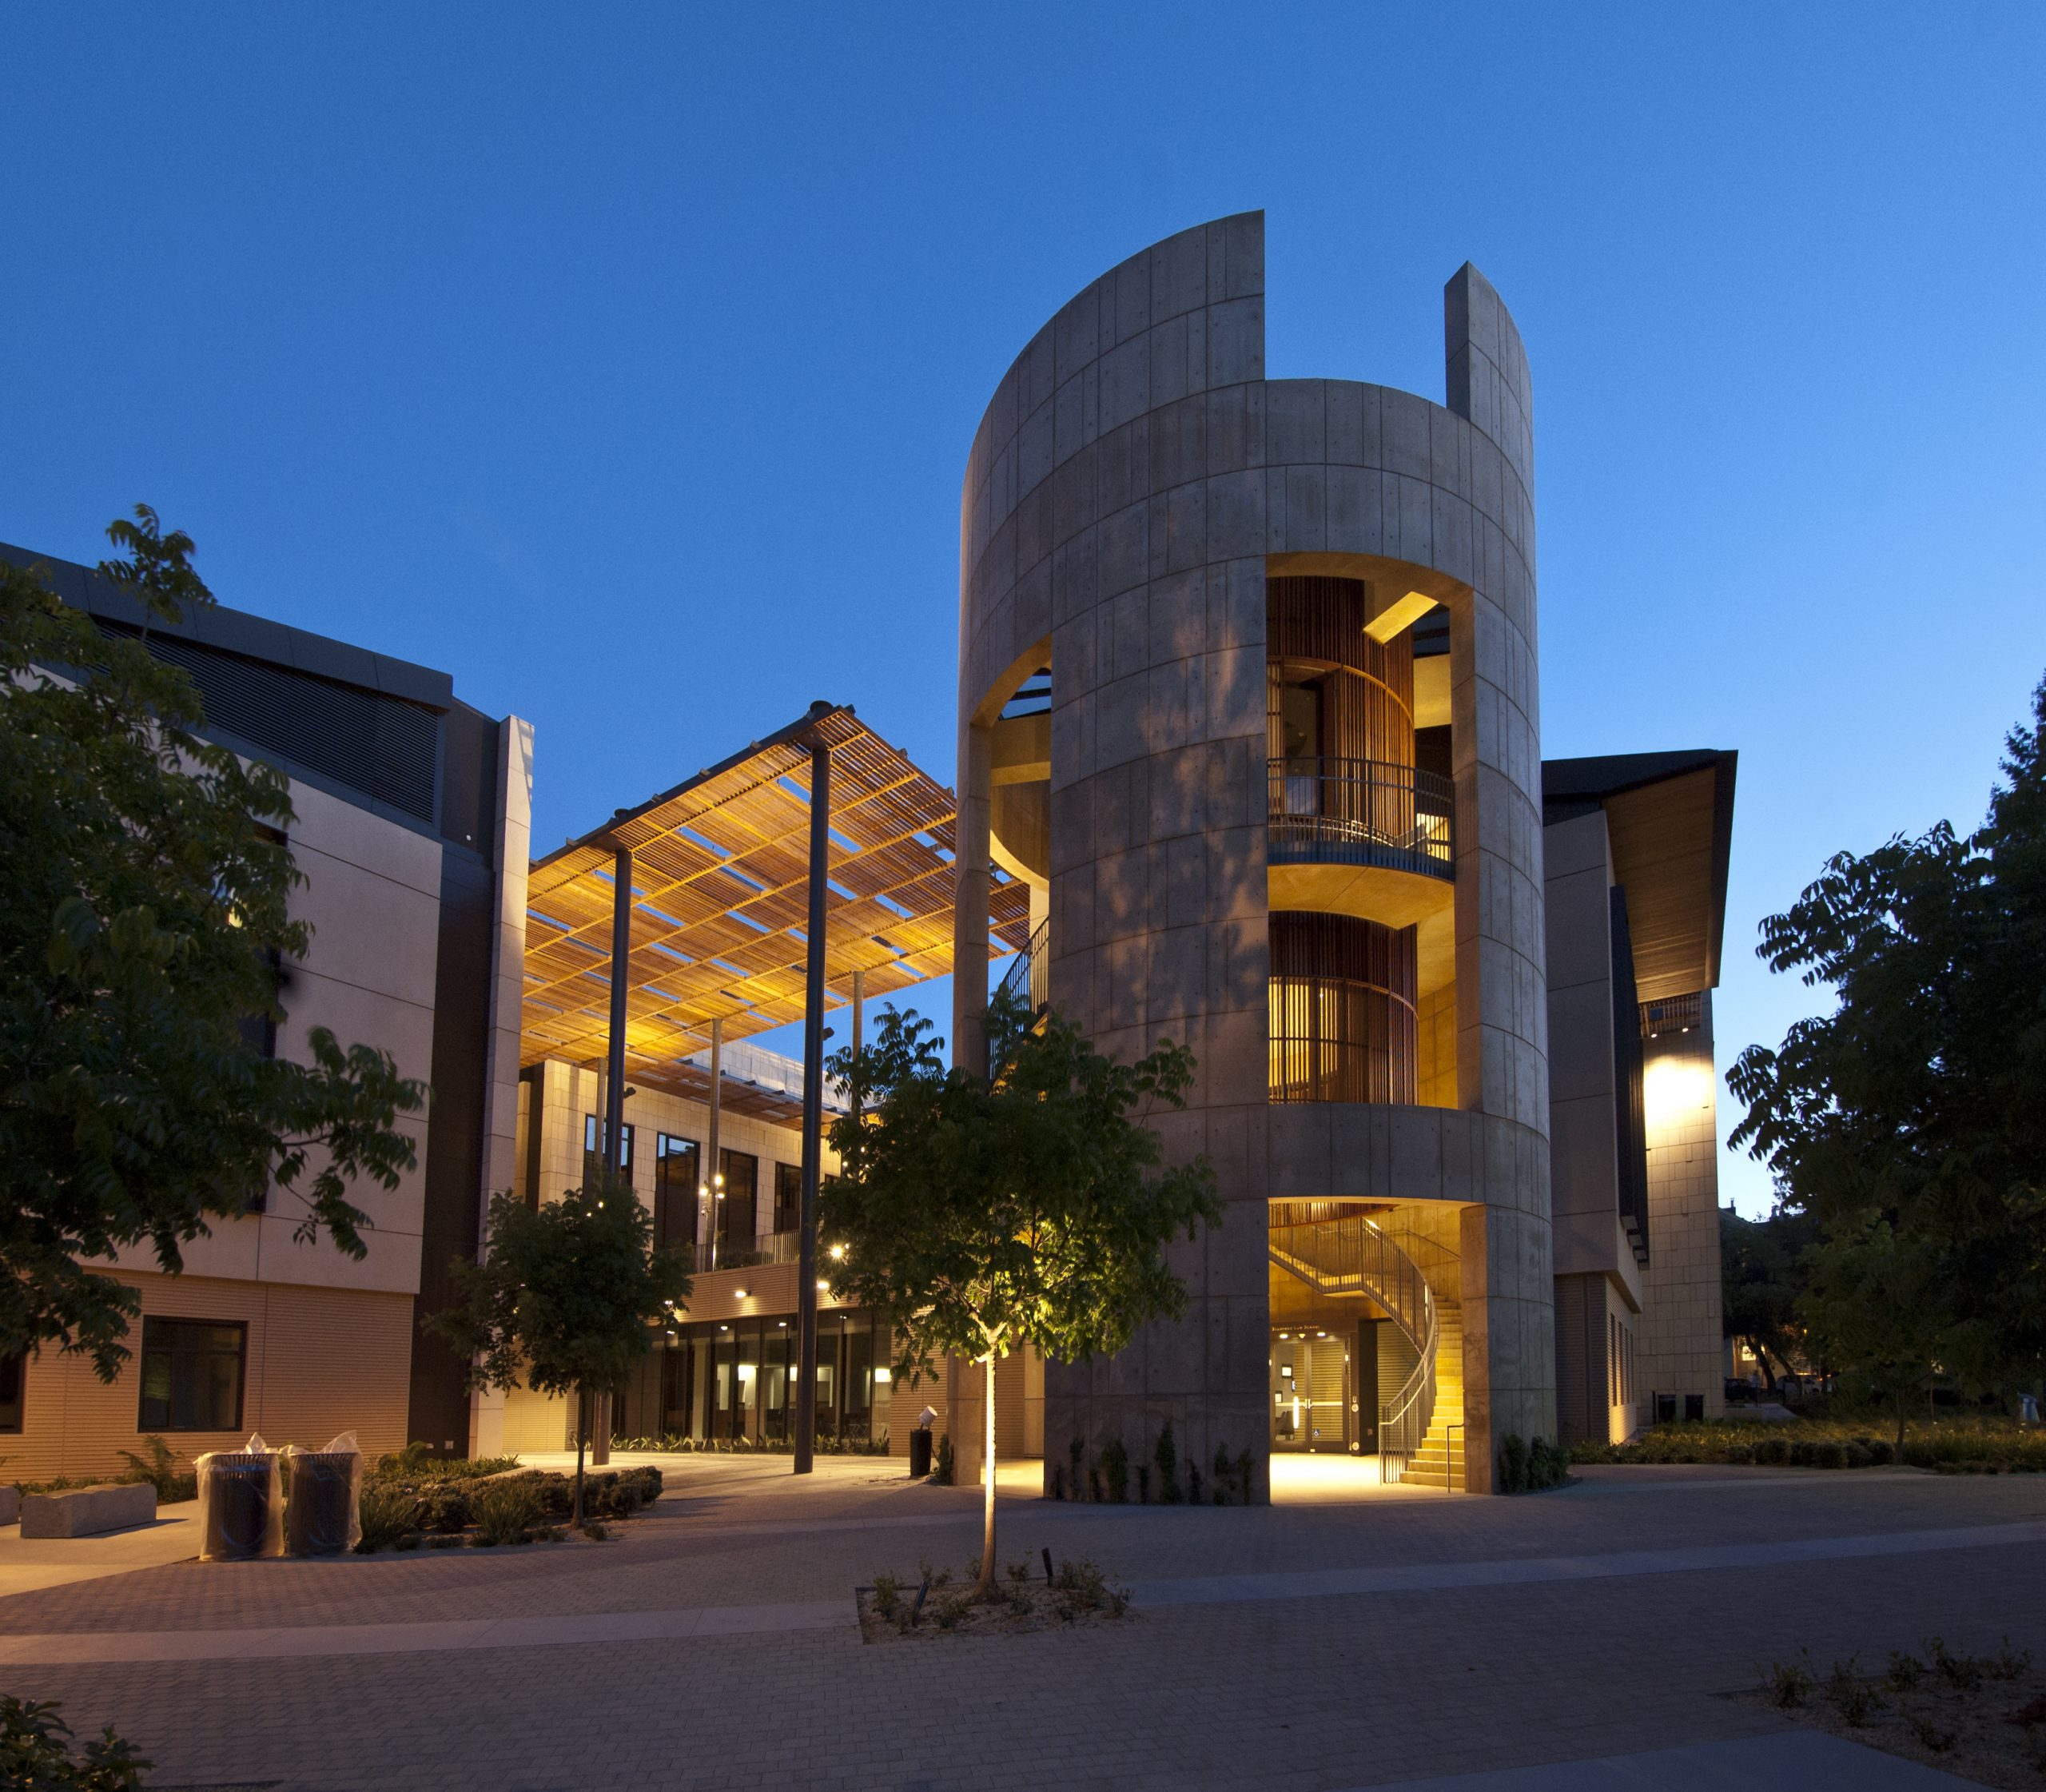 William H. Neukom Law Building